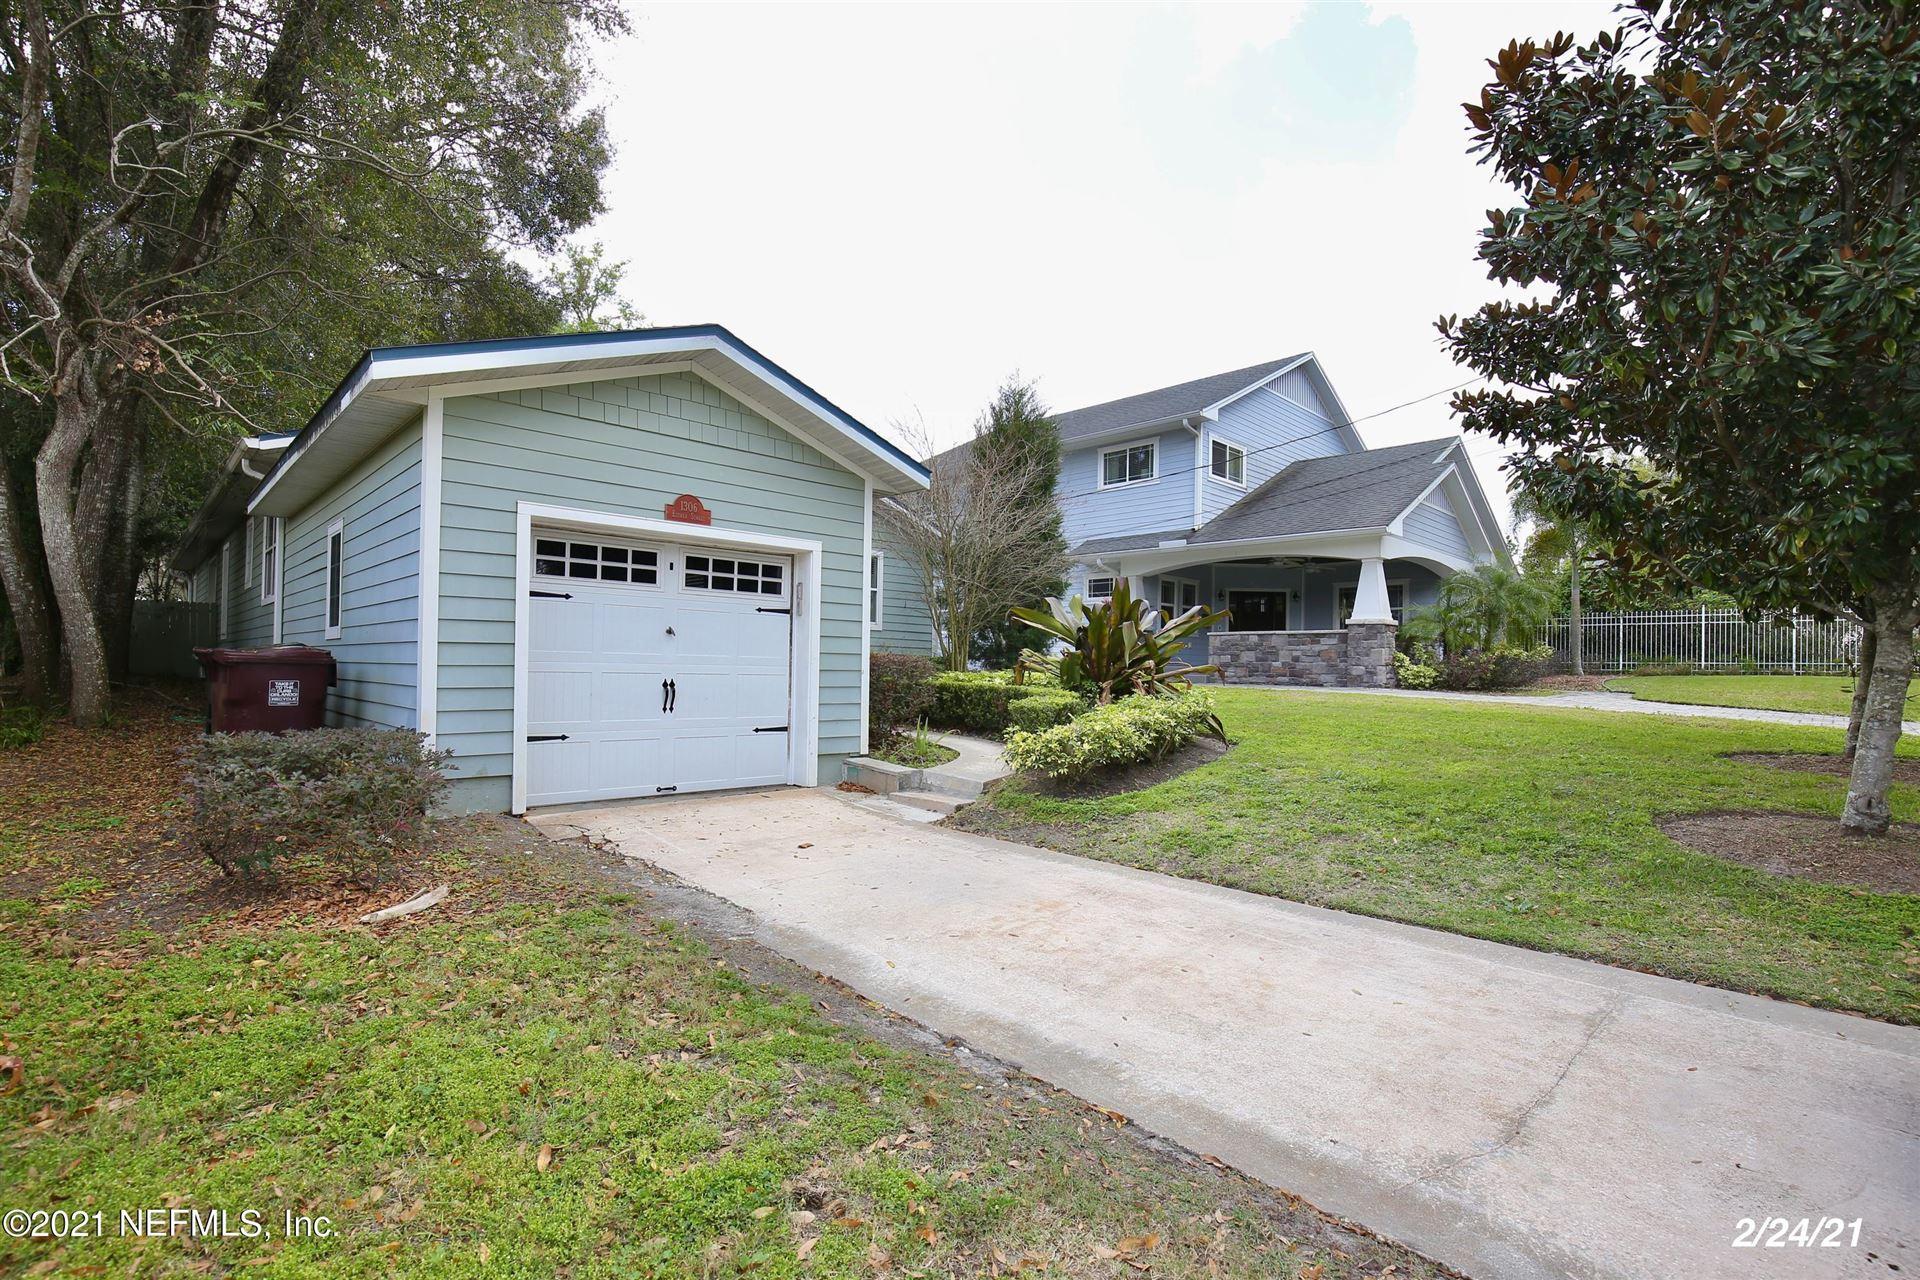 Photo of 1306 E ESTHER ST, ORLANDO, FL 32806 (MLS # 1122441)